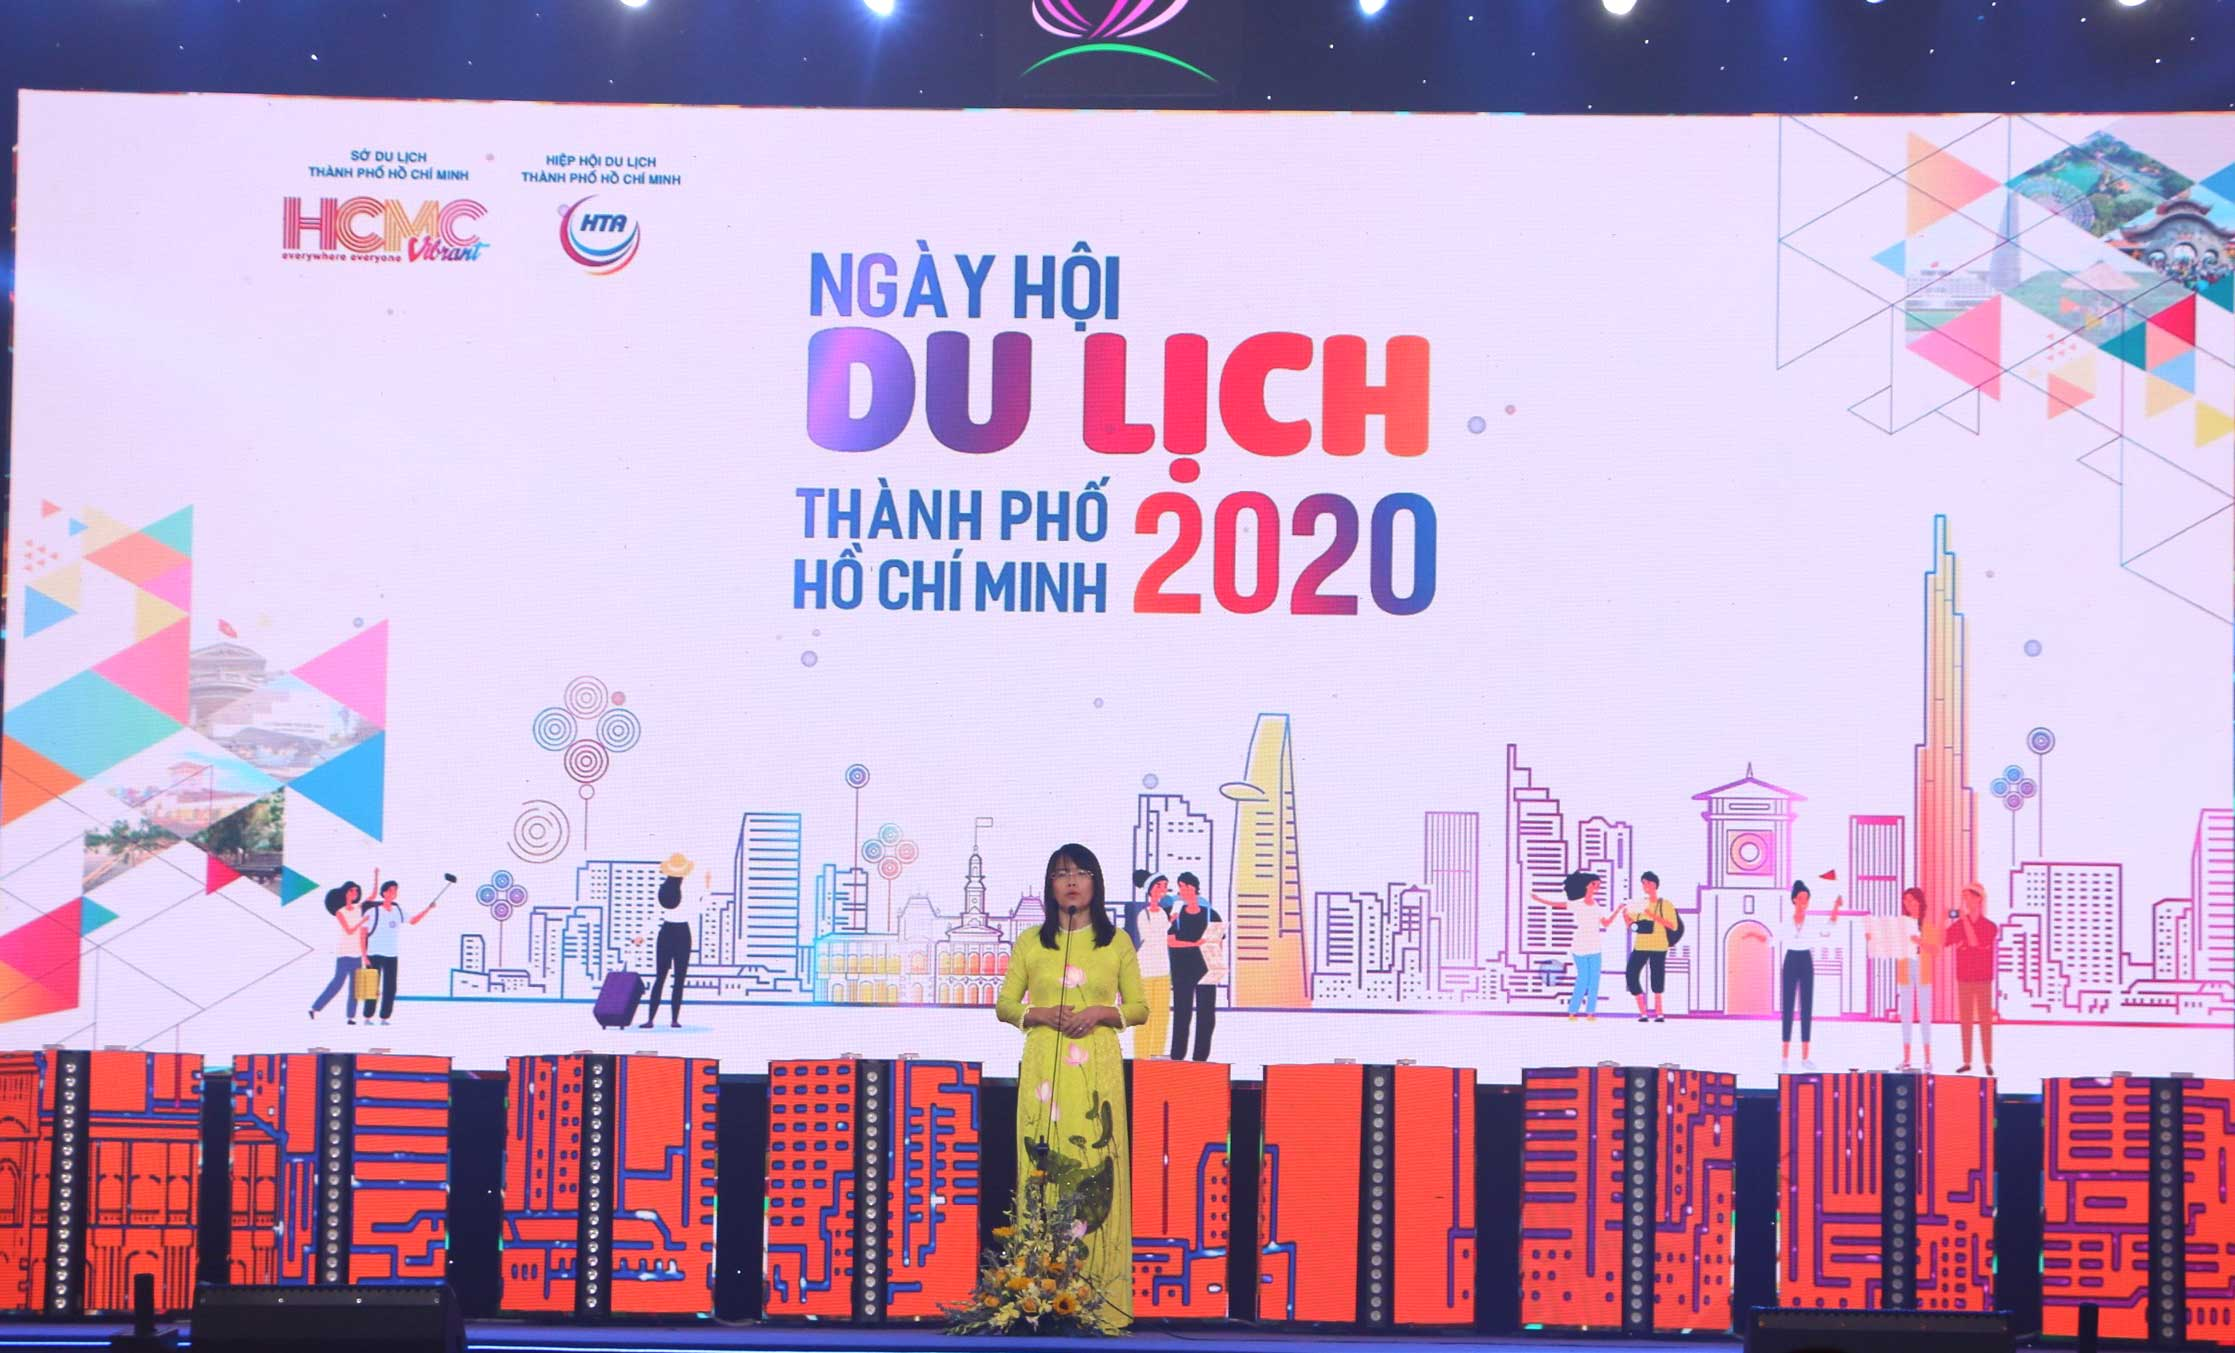 Ngày hội Du lịch thành phố Hồ Chí Minh lần thứ 16 khép lại, thành công tốt đẹp